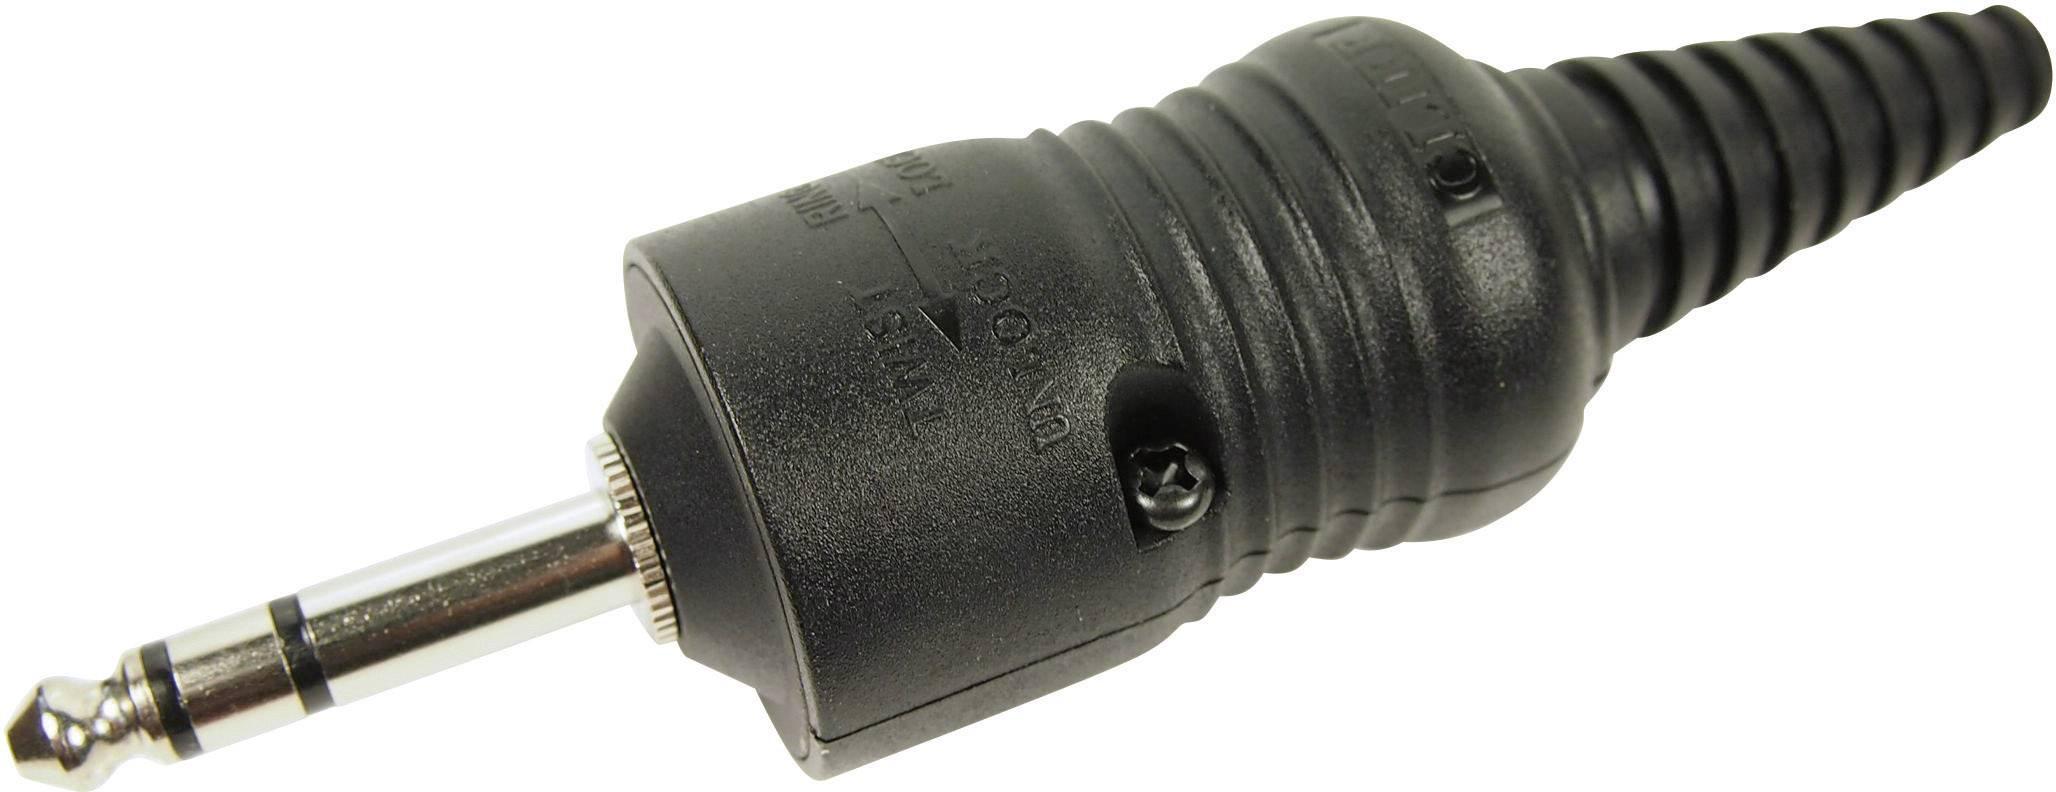 Jack konektor 6.35 mm stereo zástrčka, rovná Cliff CL2075S, pinov 3, čierna, 1 ks